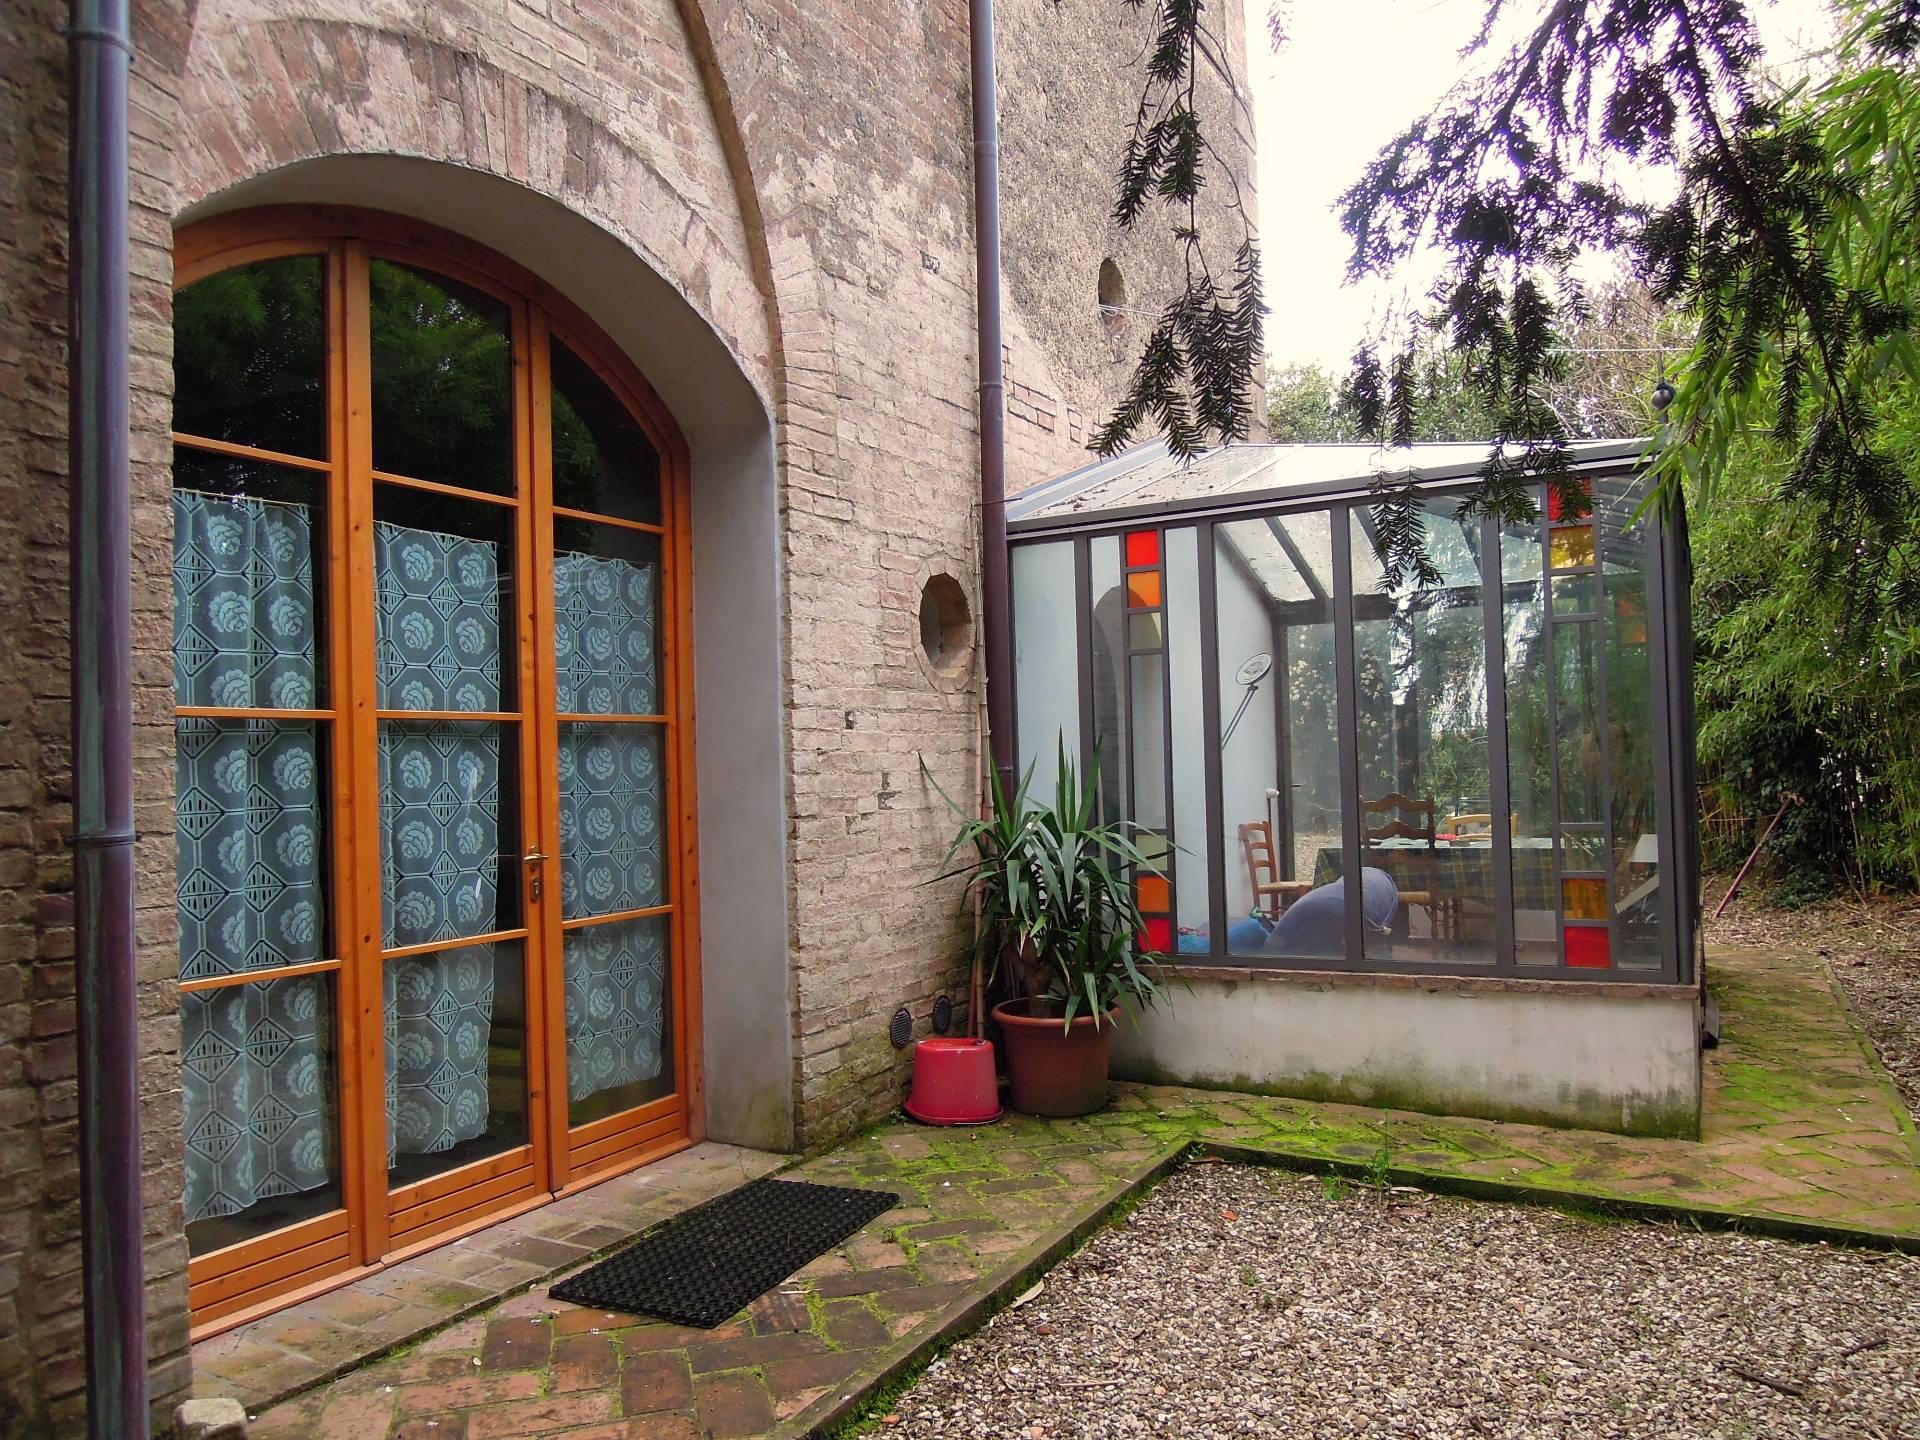 Villa in vendita a Siena, 24 locali, zona Zona: Semicentrale, prezzo € 2.400.000 | CambioCasa.it